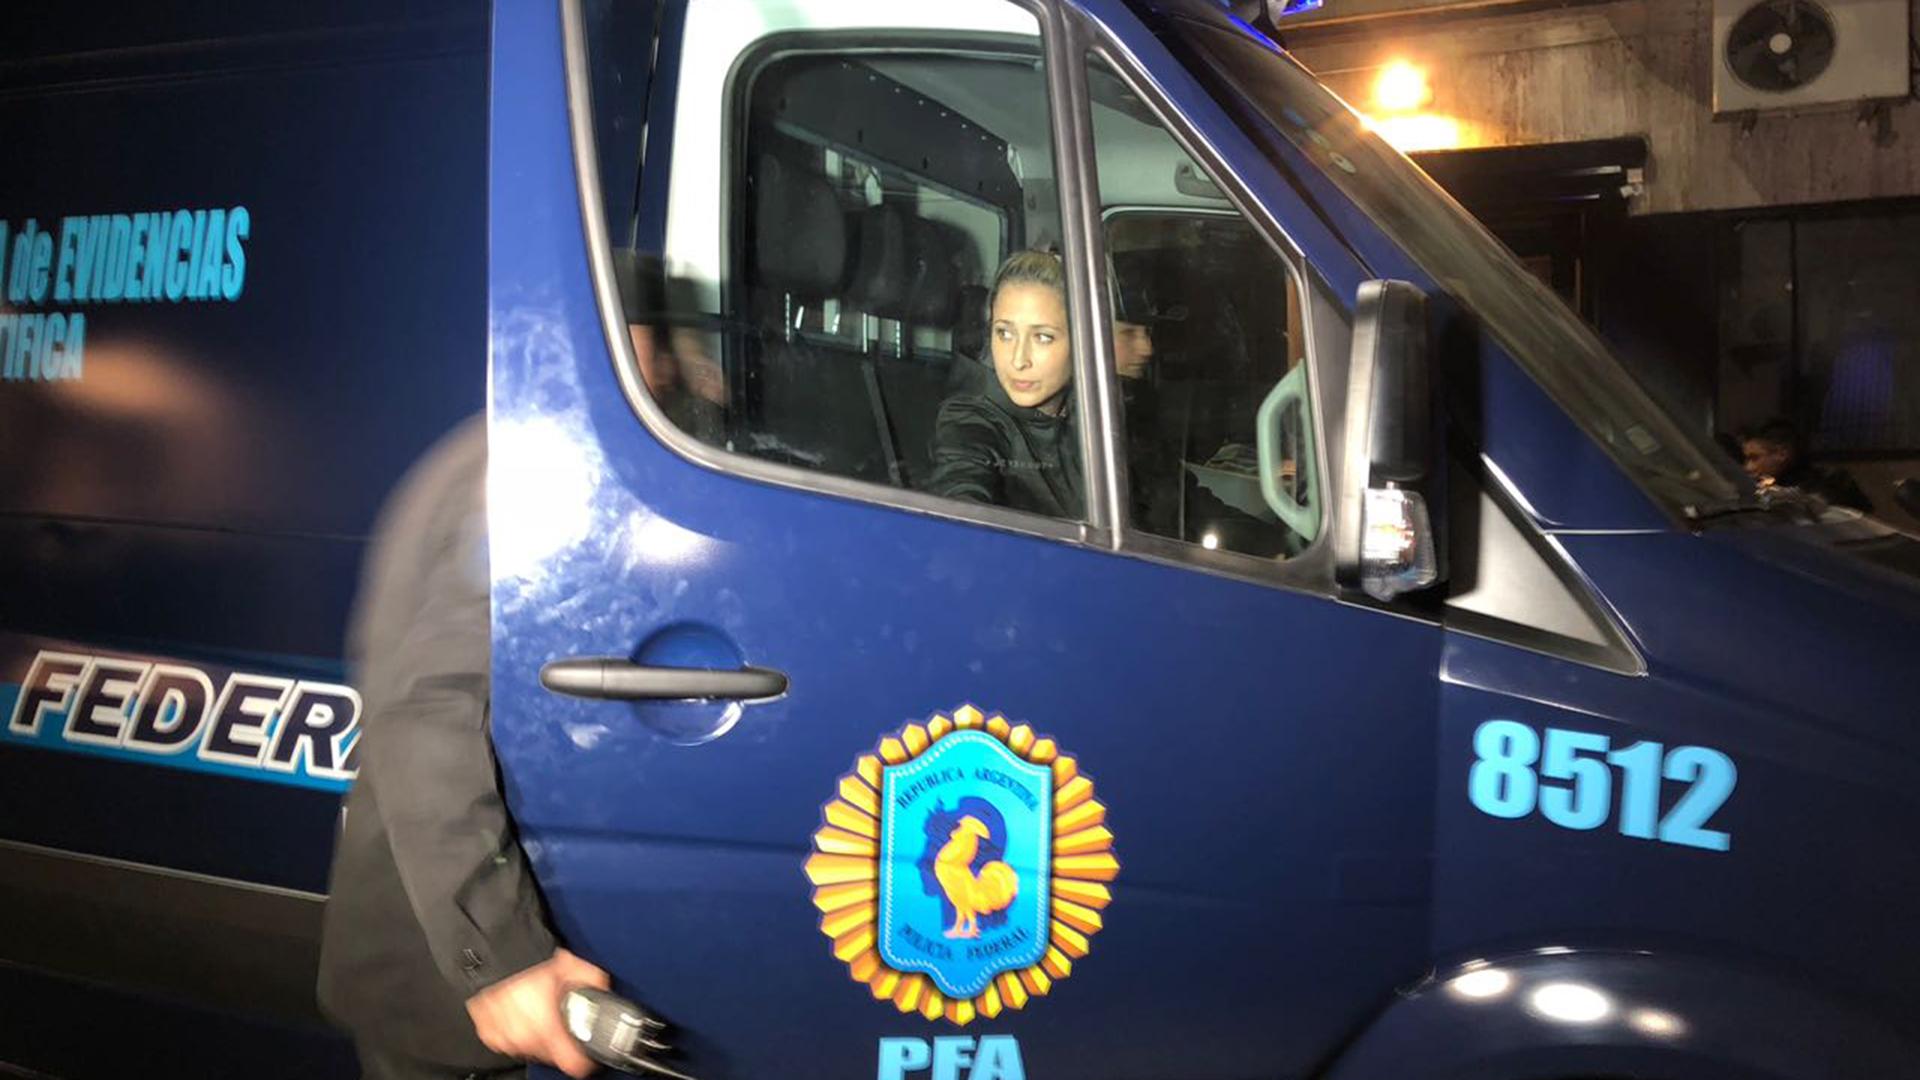 La oficial que se llevó una caja del departamento en Recoleta